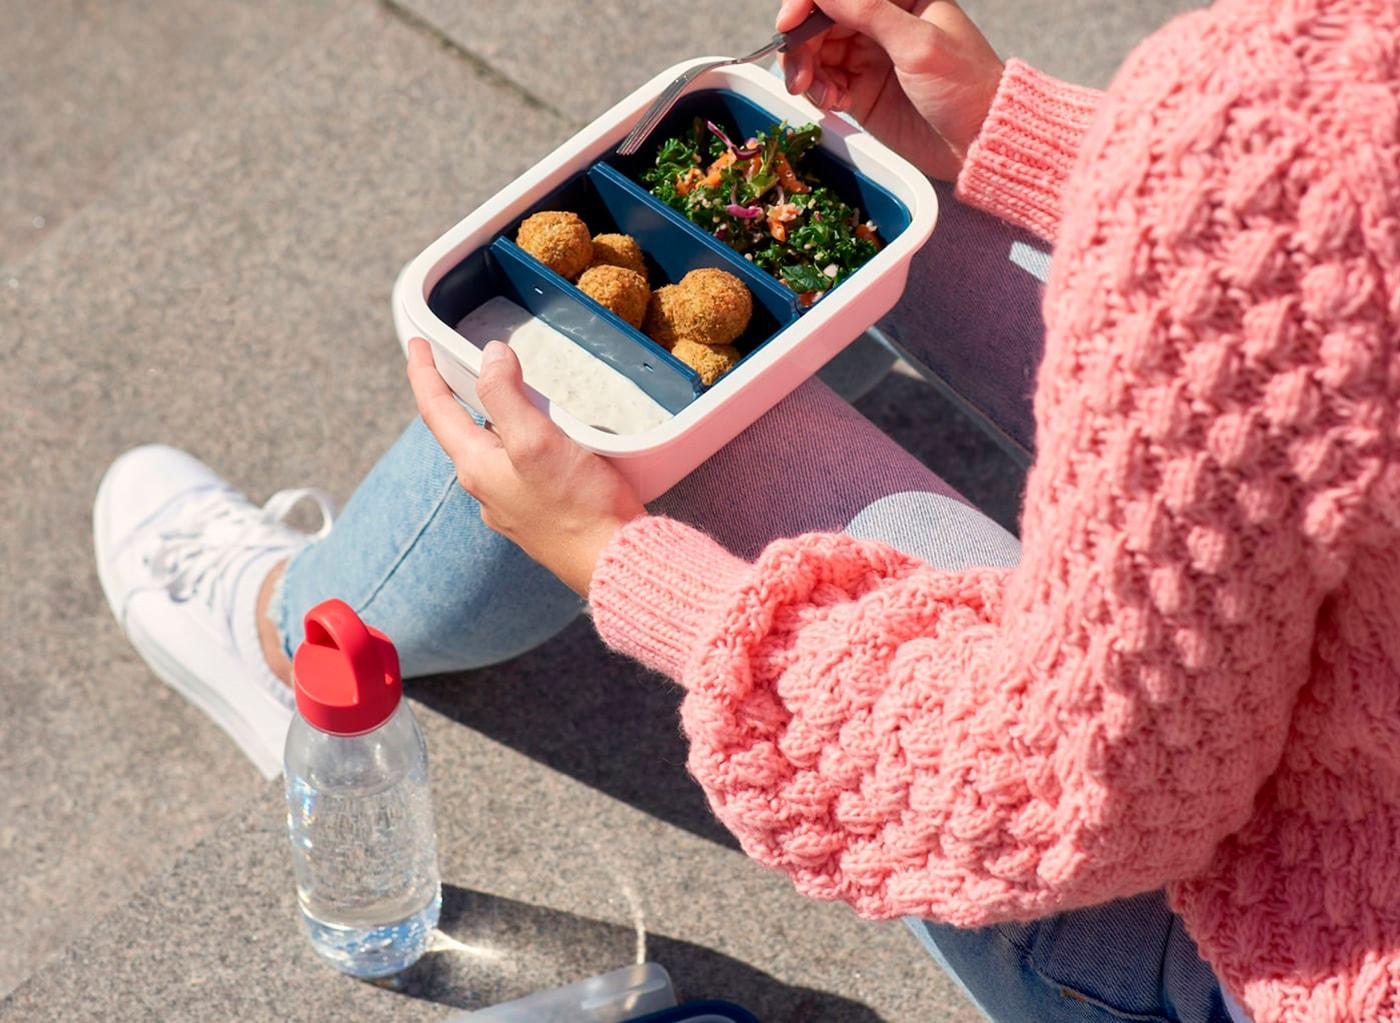 O femeie mănâncă dintr-o caserolă din plastic IKEA, cu o sticlă din plastic transparentă plină cu apă lângă ea.